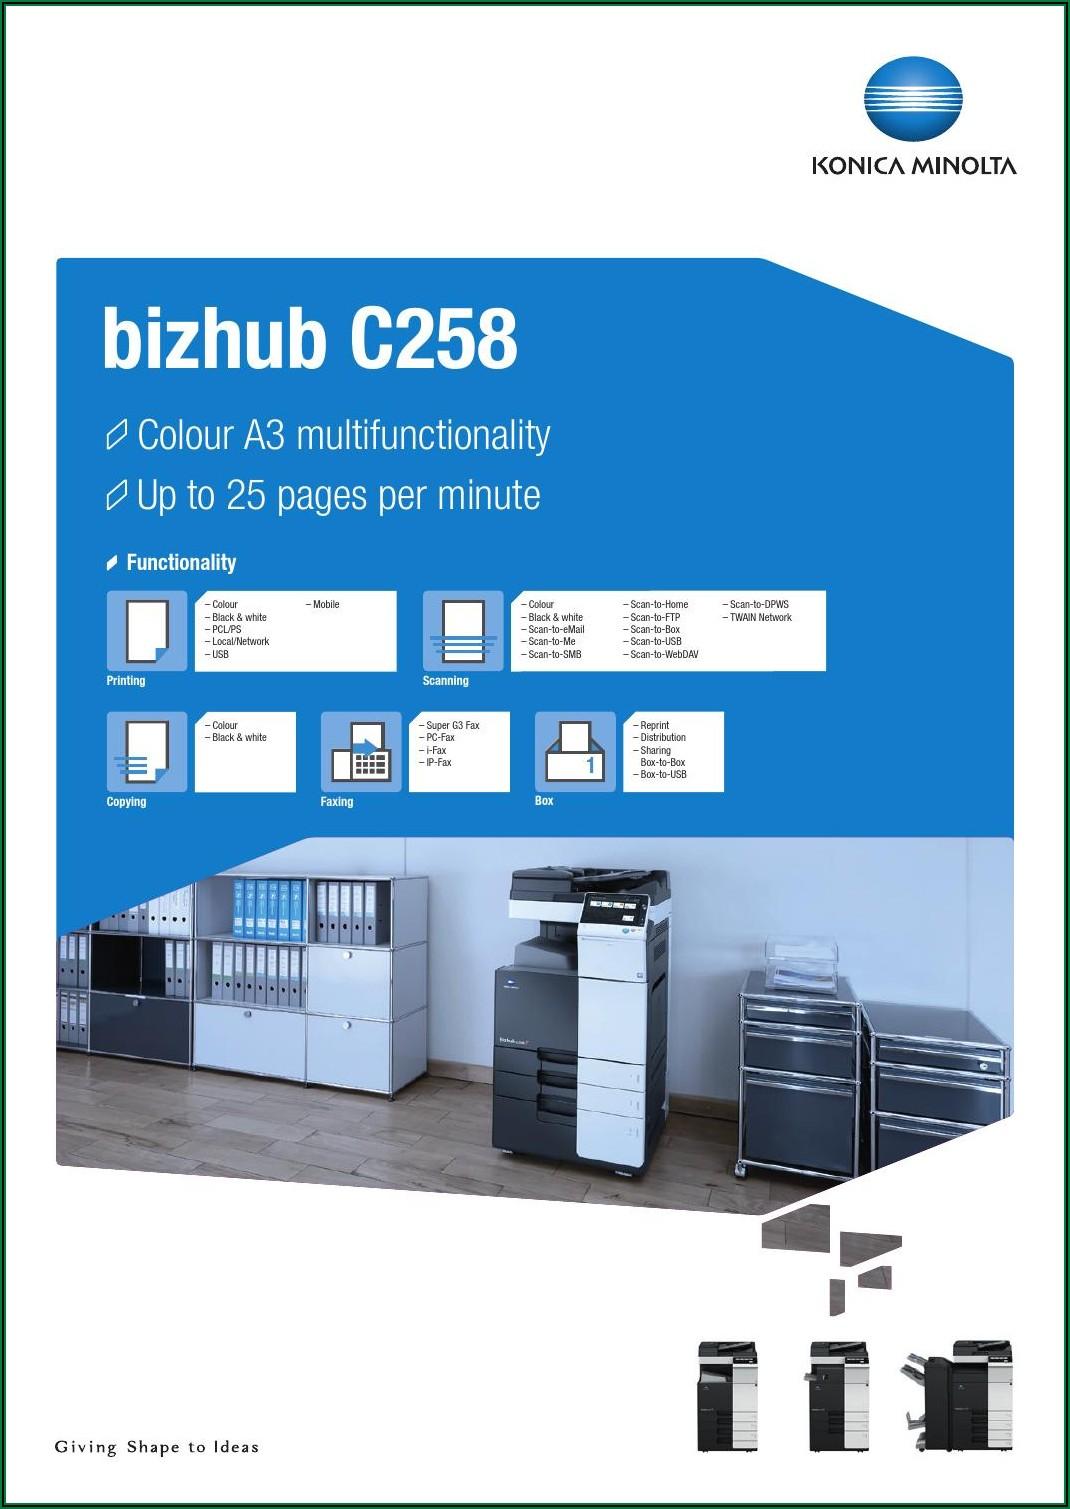 Bizhub C258 Brochure Pdf